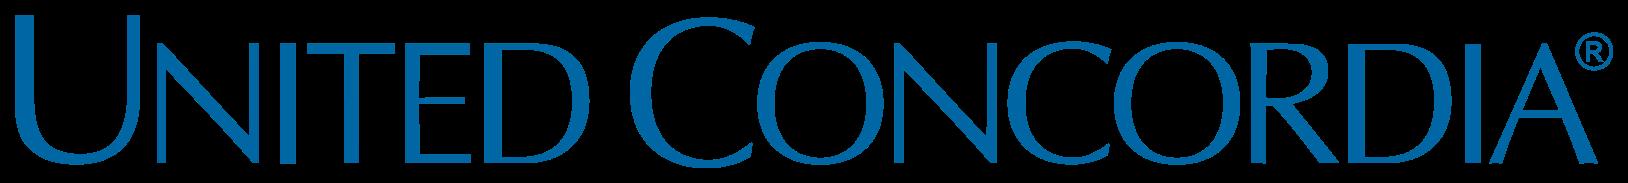 United Concordia PPO